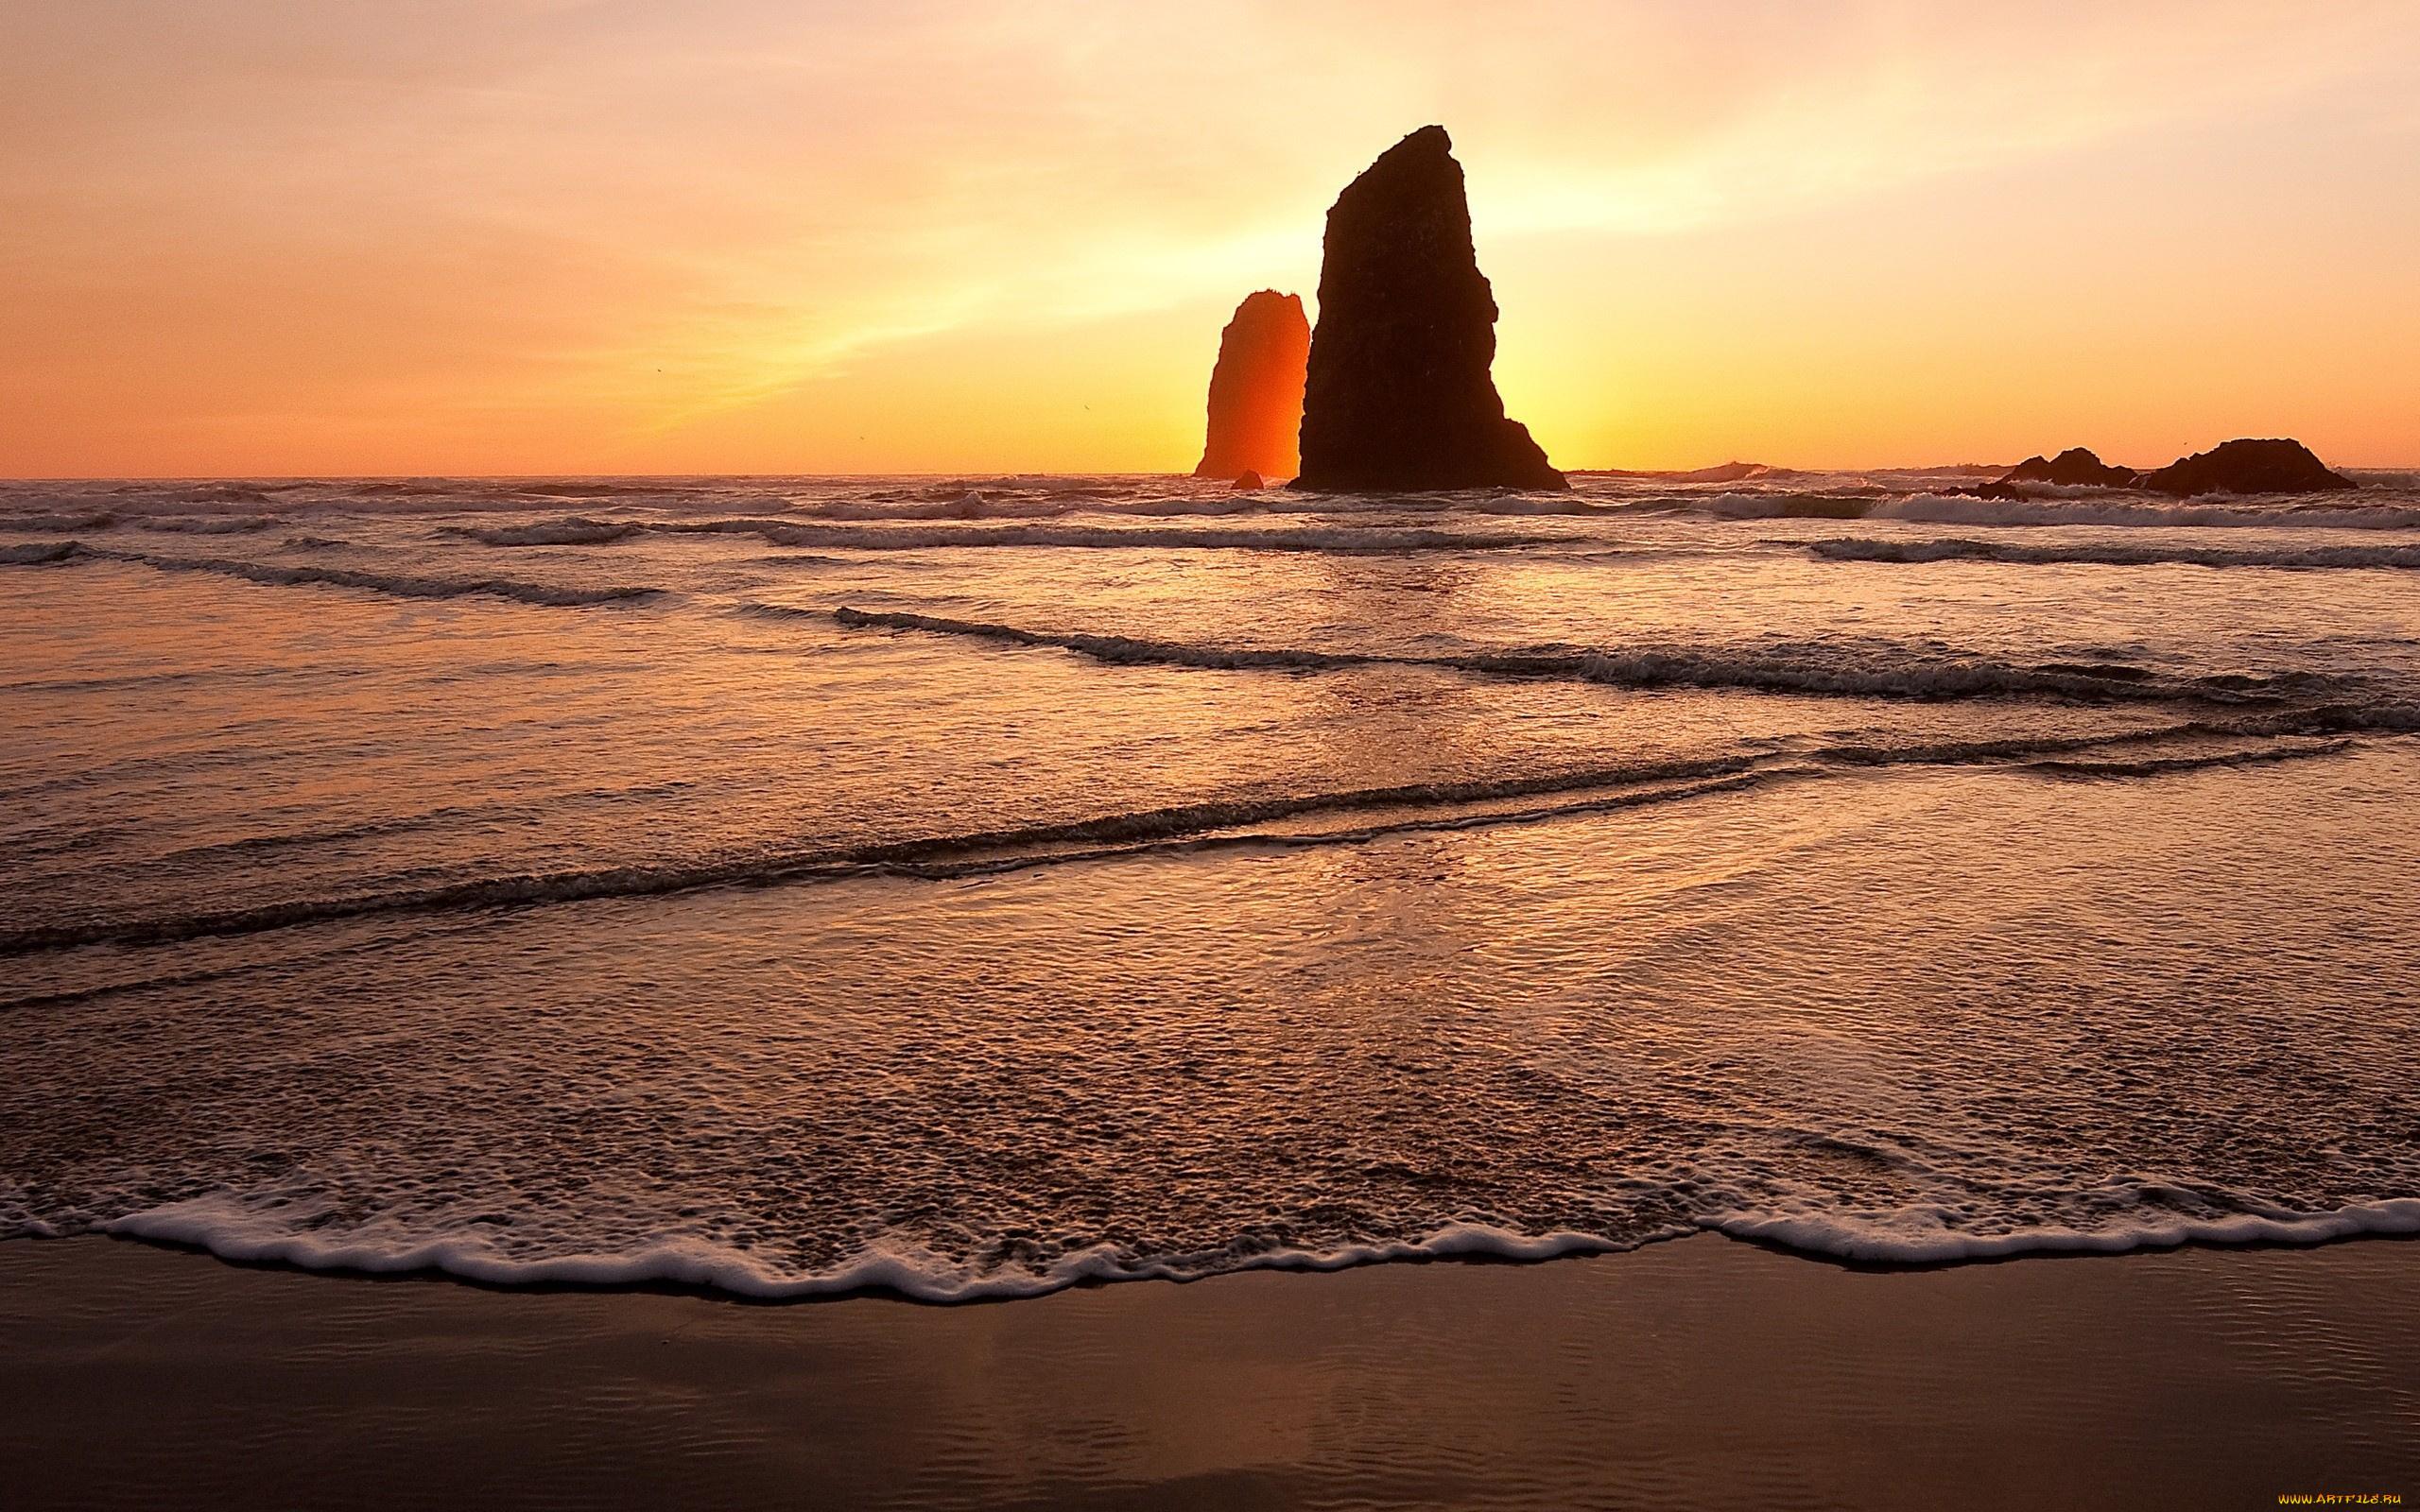 Скалы берег море солнце  № 2719623 бесплатно